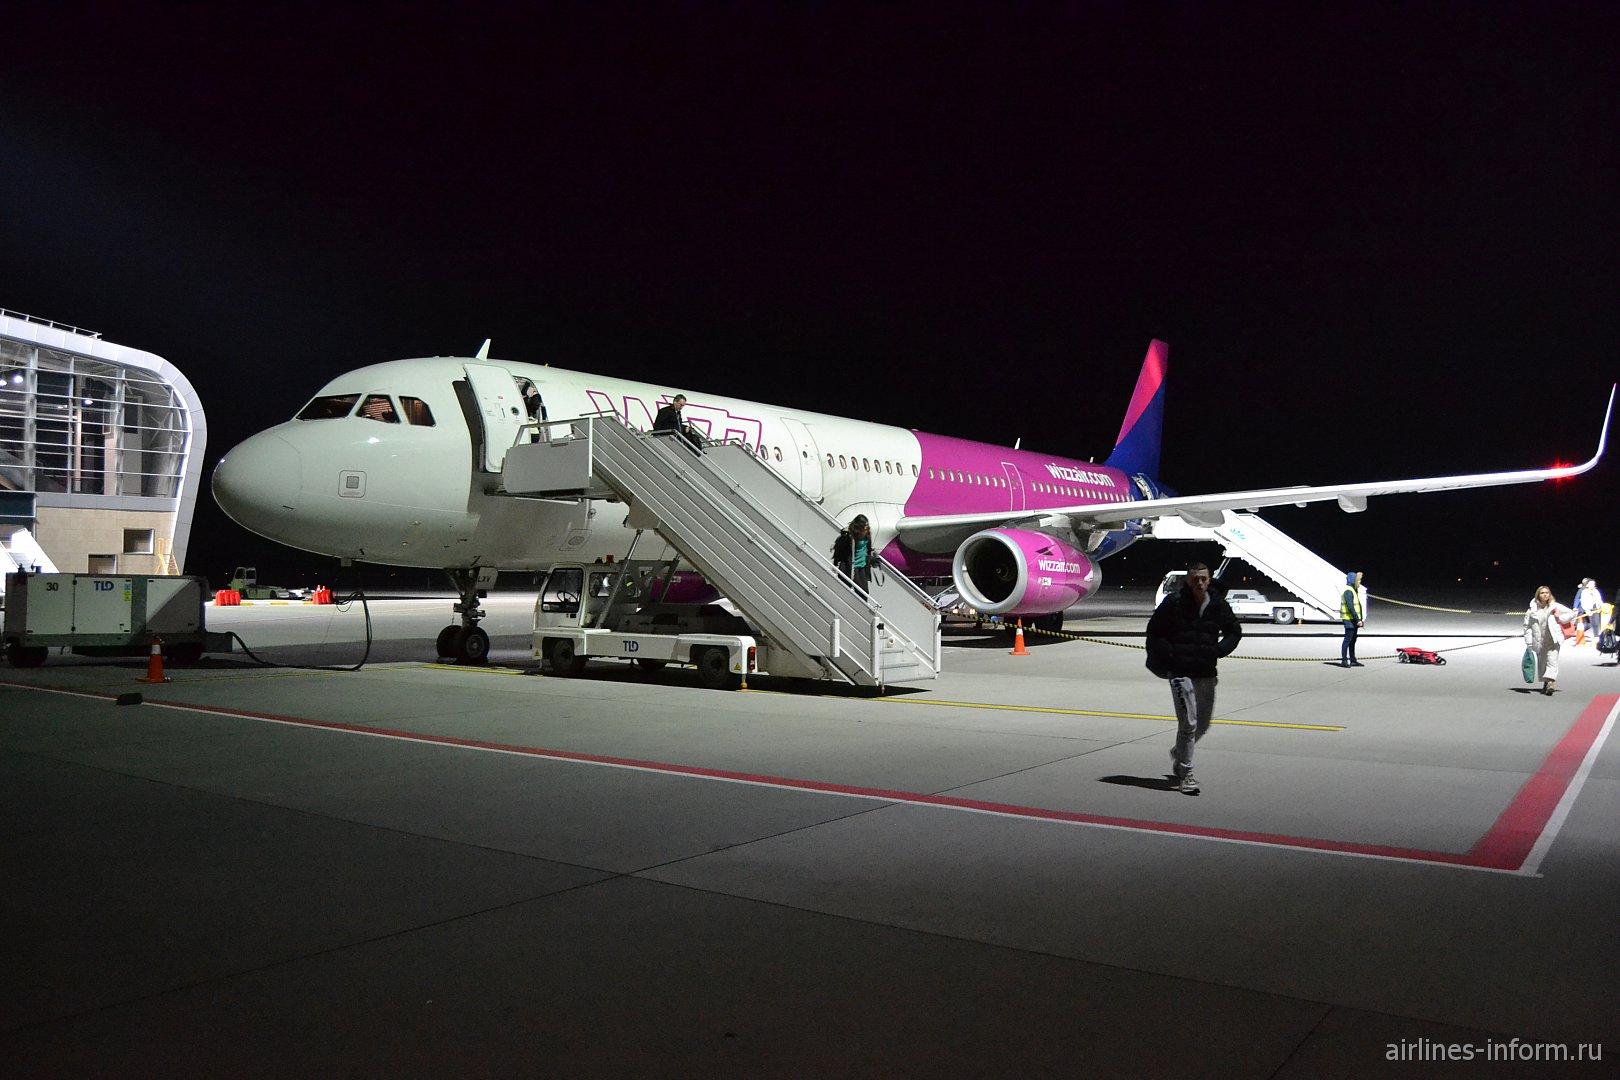 Скандинавия 2020. Копенгаген (CPH) - Львов (LWO) A321 WIZZ.